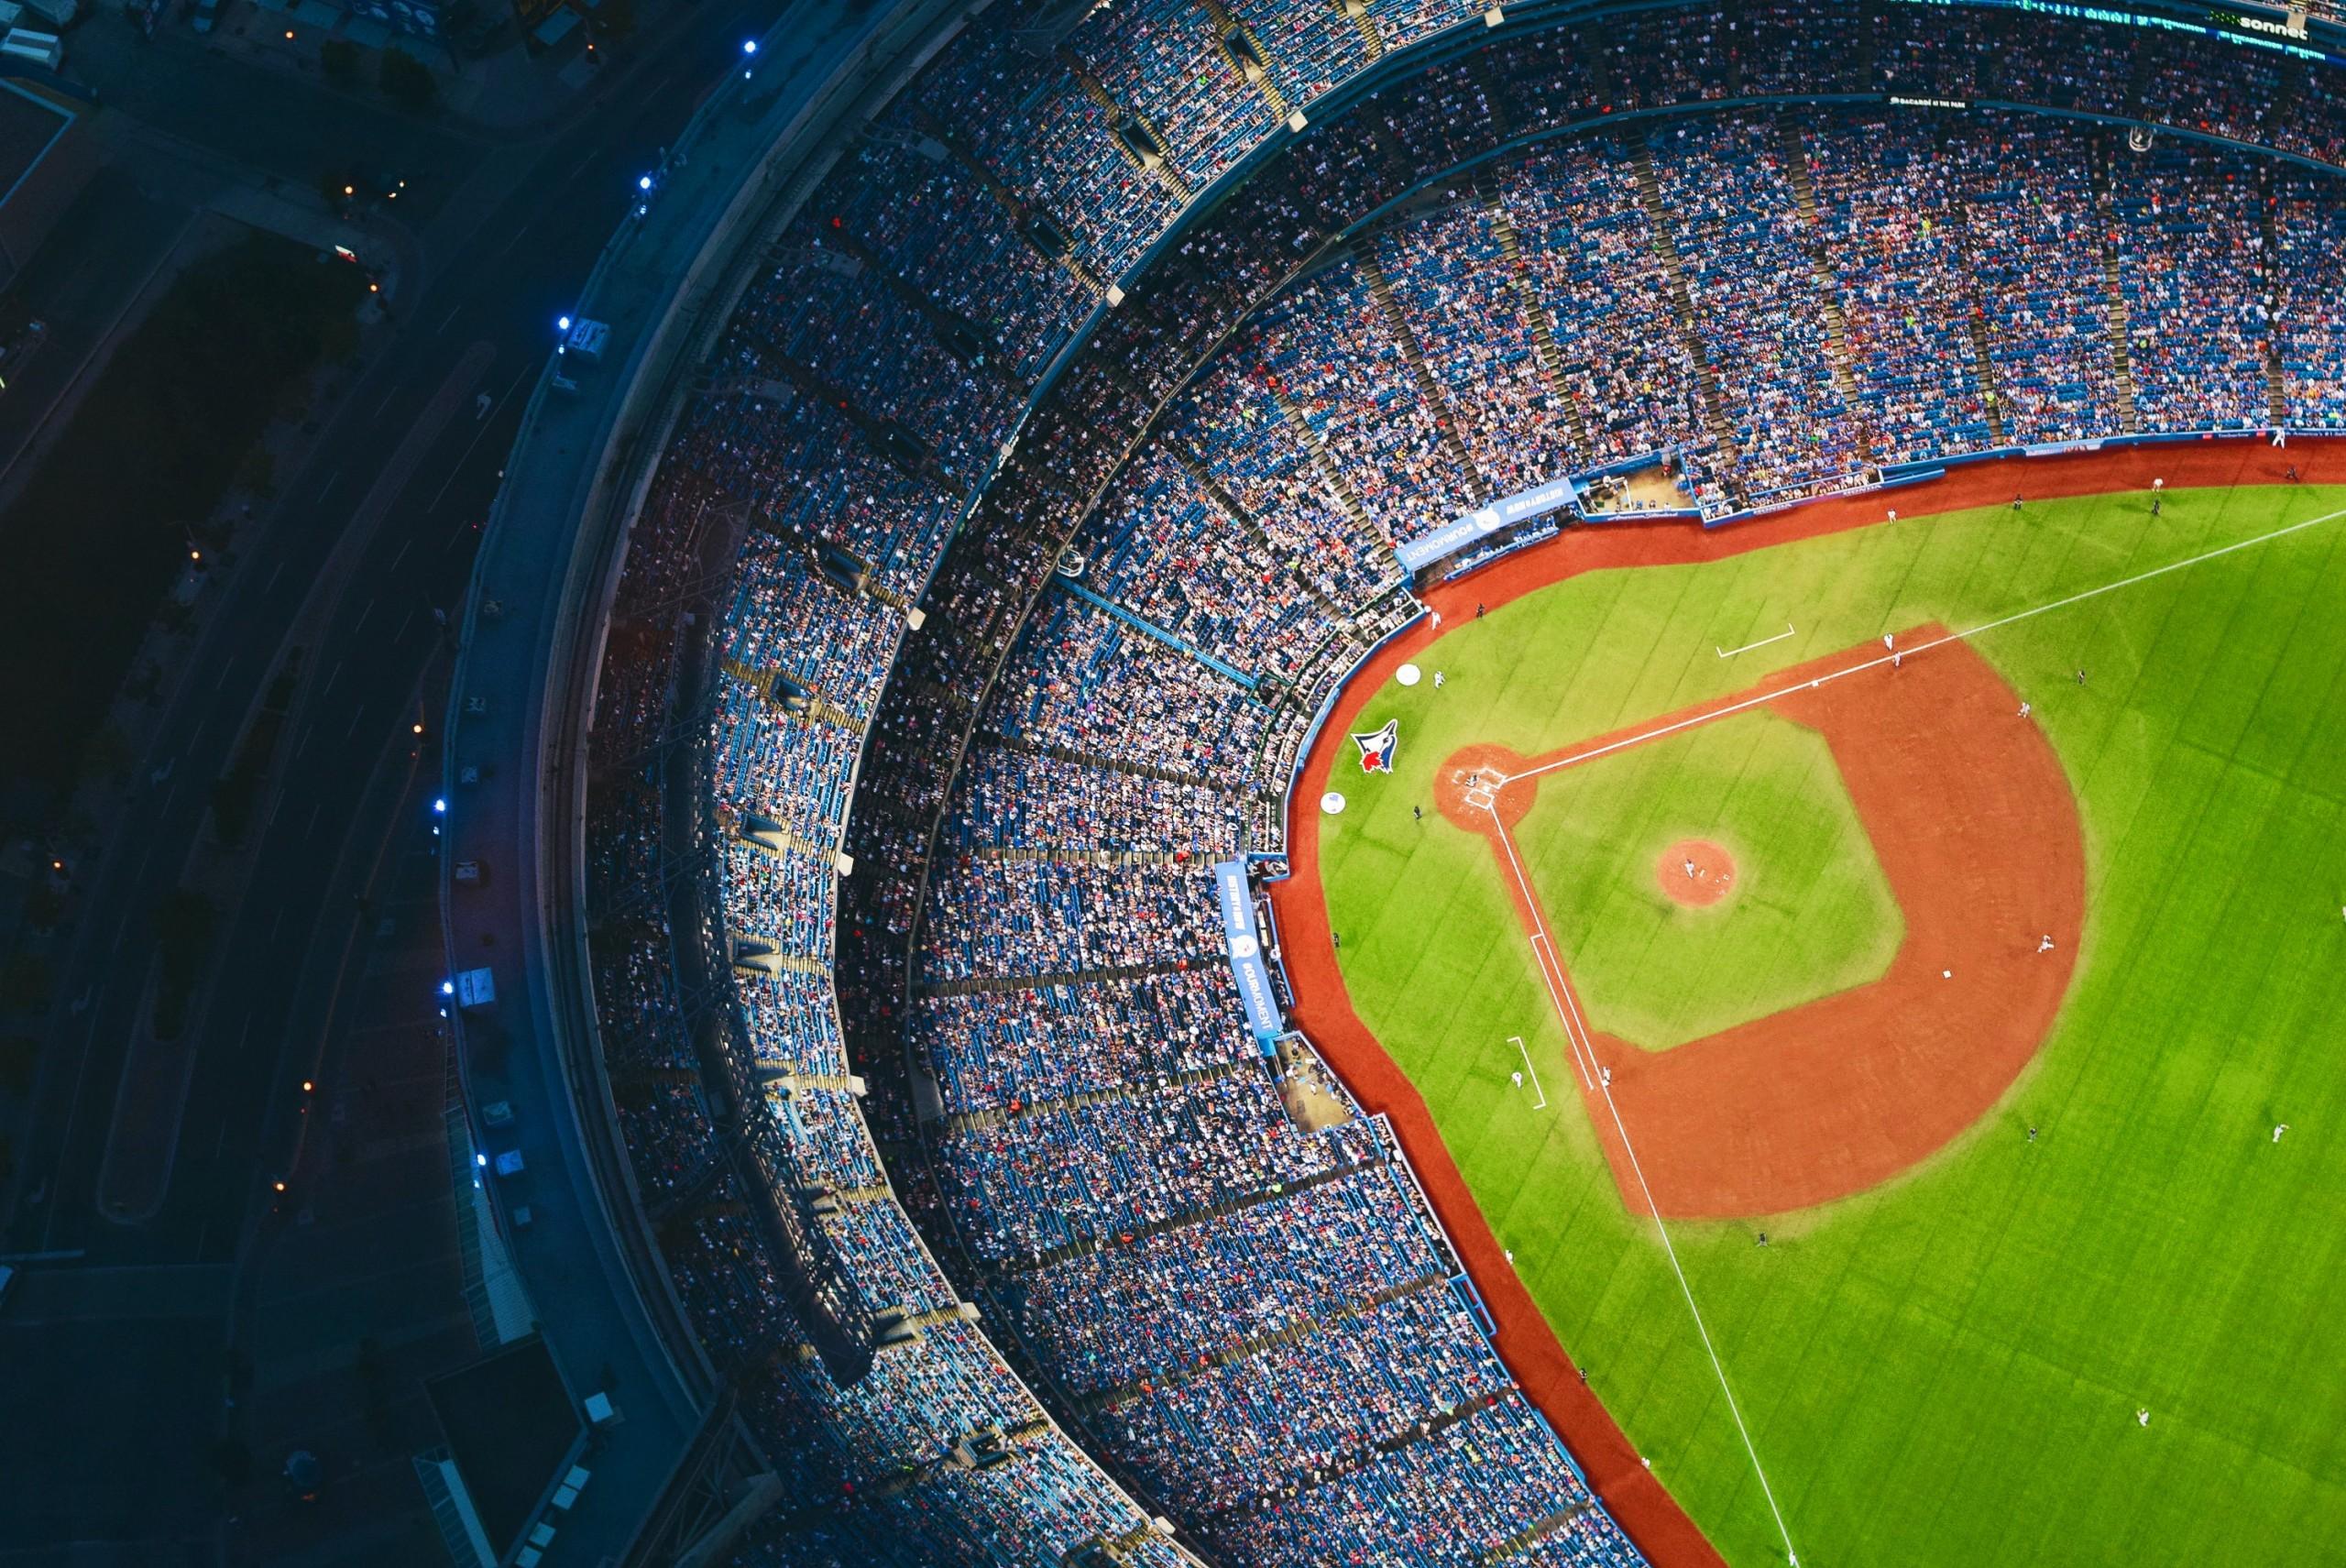 """[20.11.26] 地域とスポーツ""""野球を通じた人と人との繋がり"""""""